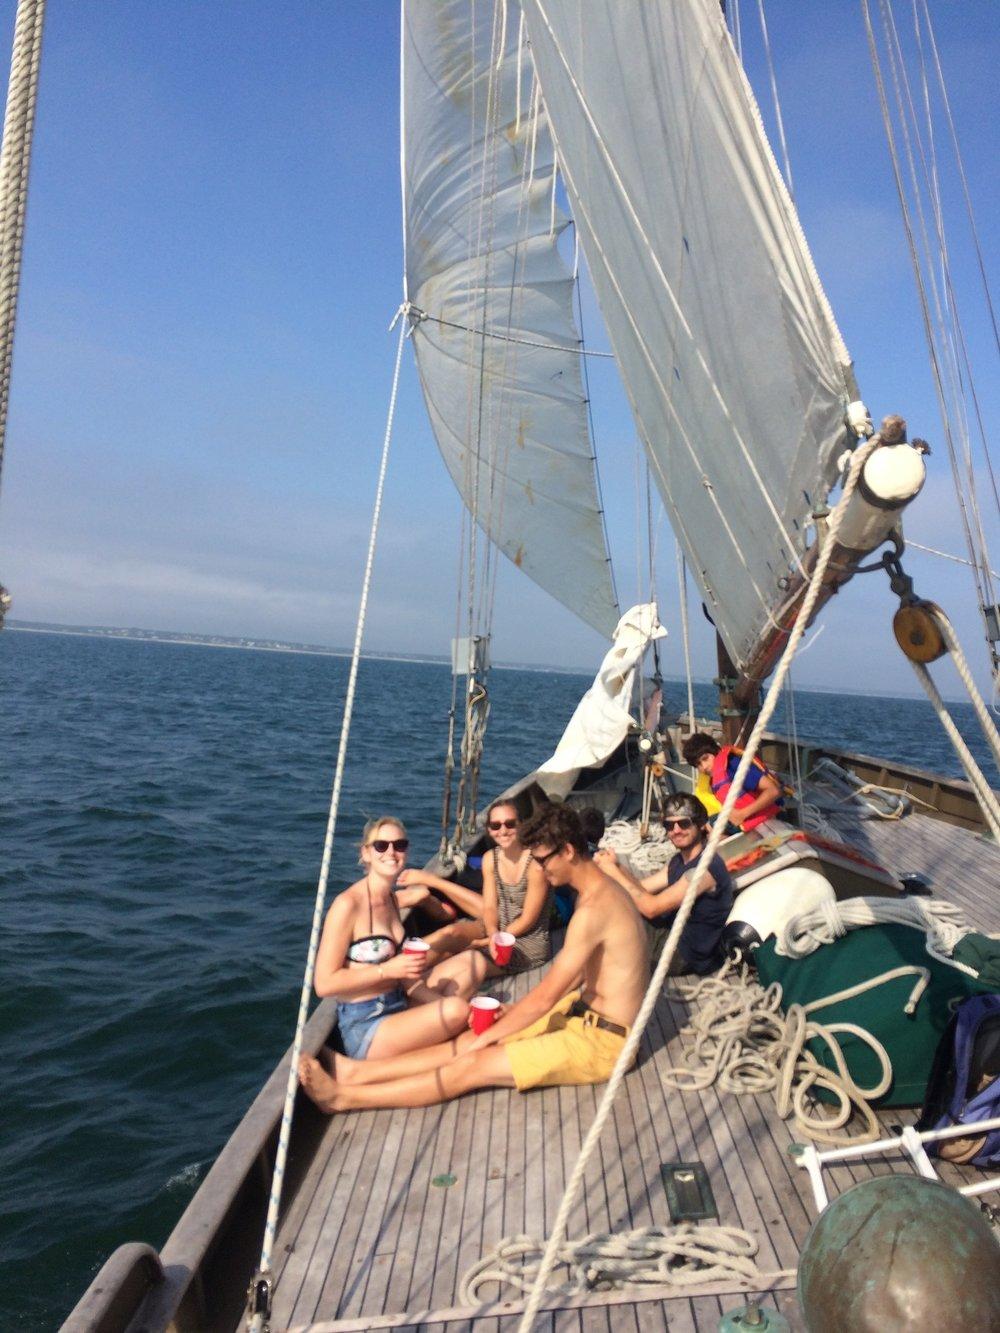 unbounded-adventures_schooner-tyrone-9.jpg